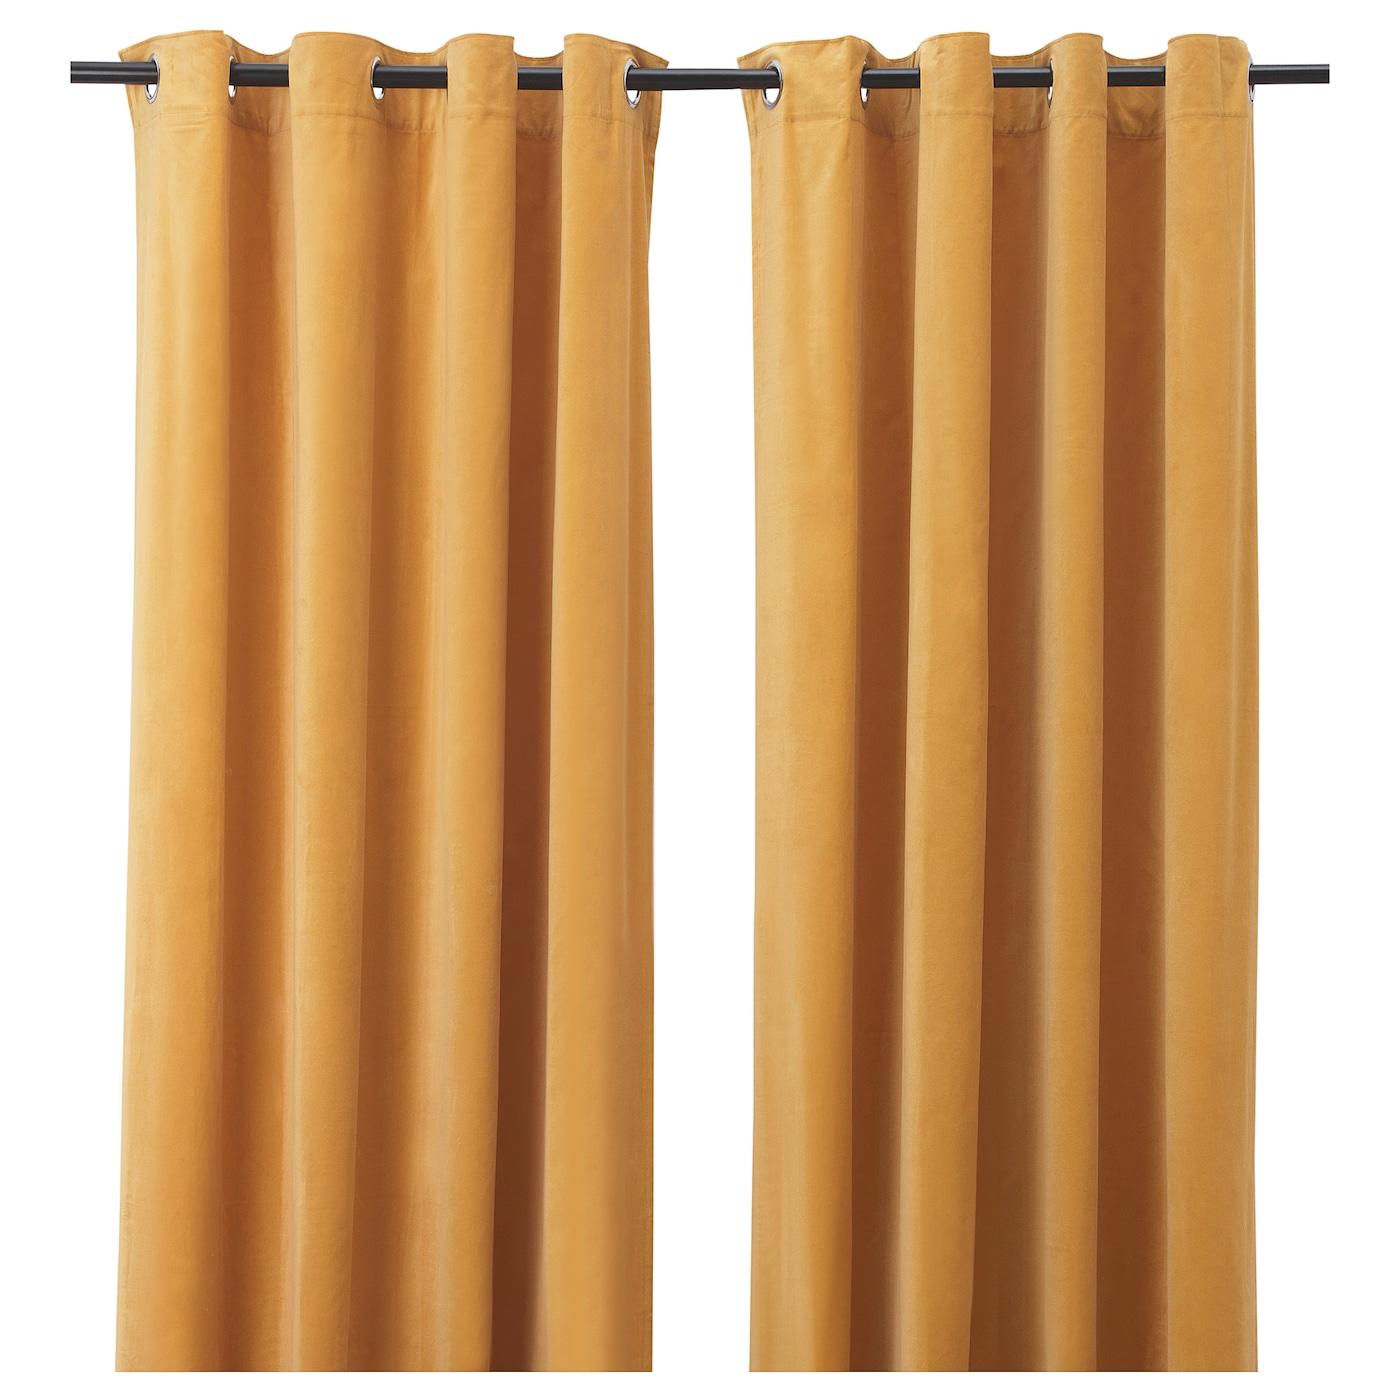 sanela rideaux 2 pieces brun dore avec oeillets 140x300 cm